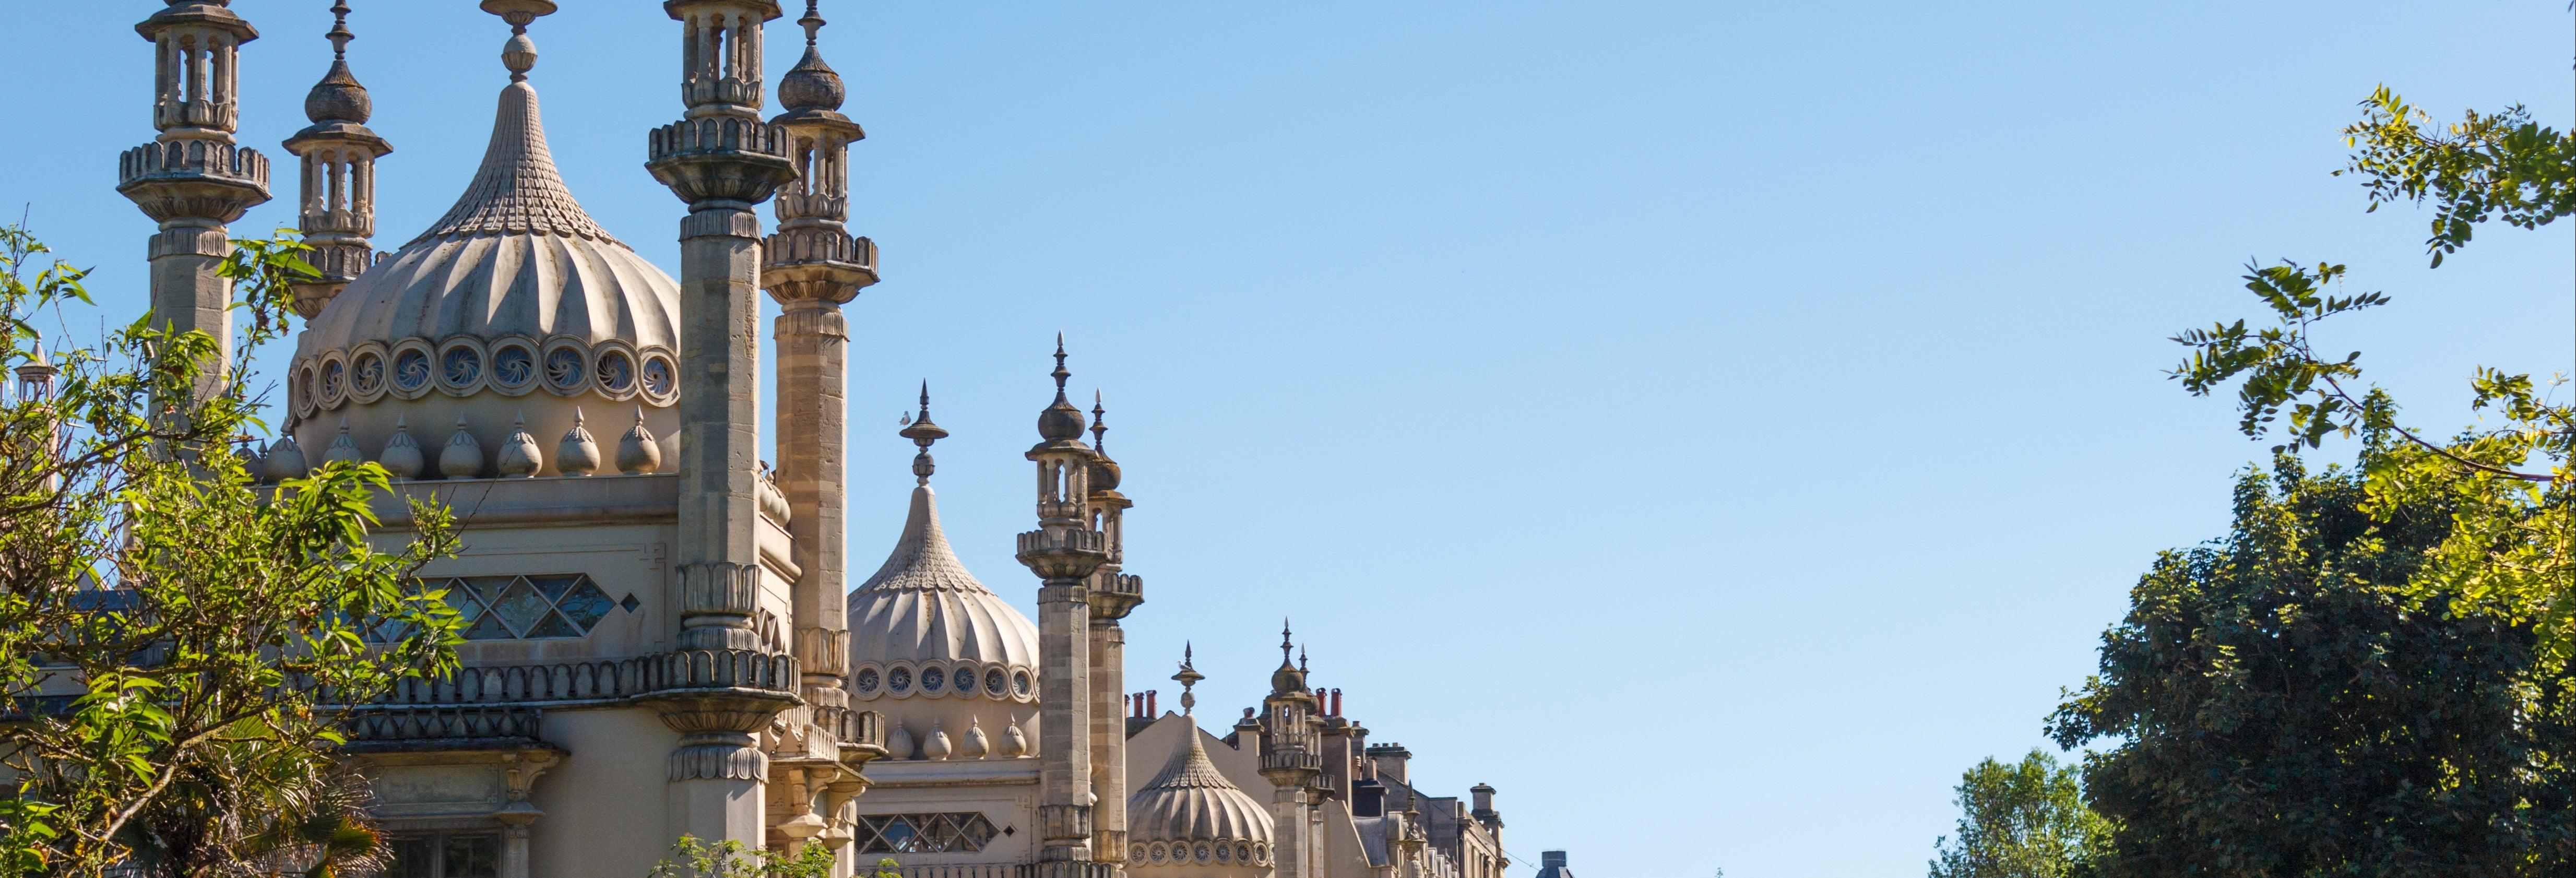 Entrada al Pabellón Real de Brighton